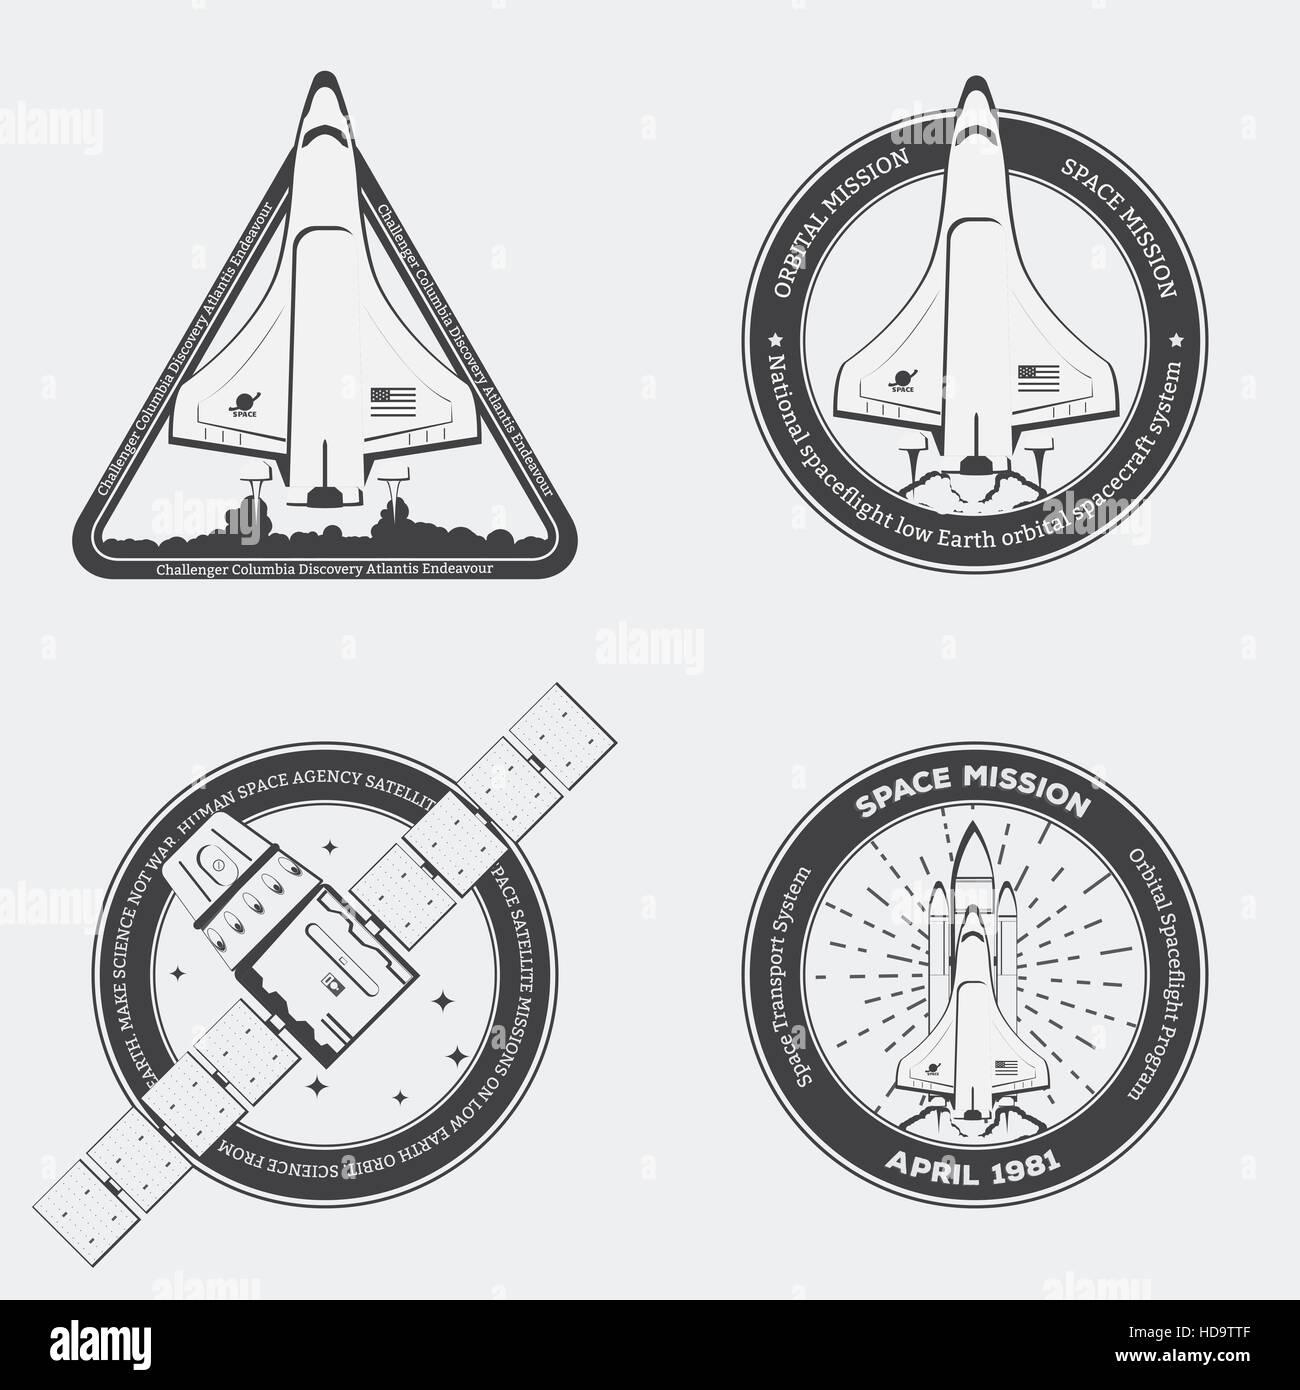 Retro schwarz Raumfähre Embleme mit Sternen im Vintage-Stil. Space Shuttle mit Rucola und niedrigen Erdsatelliten Stockbild